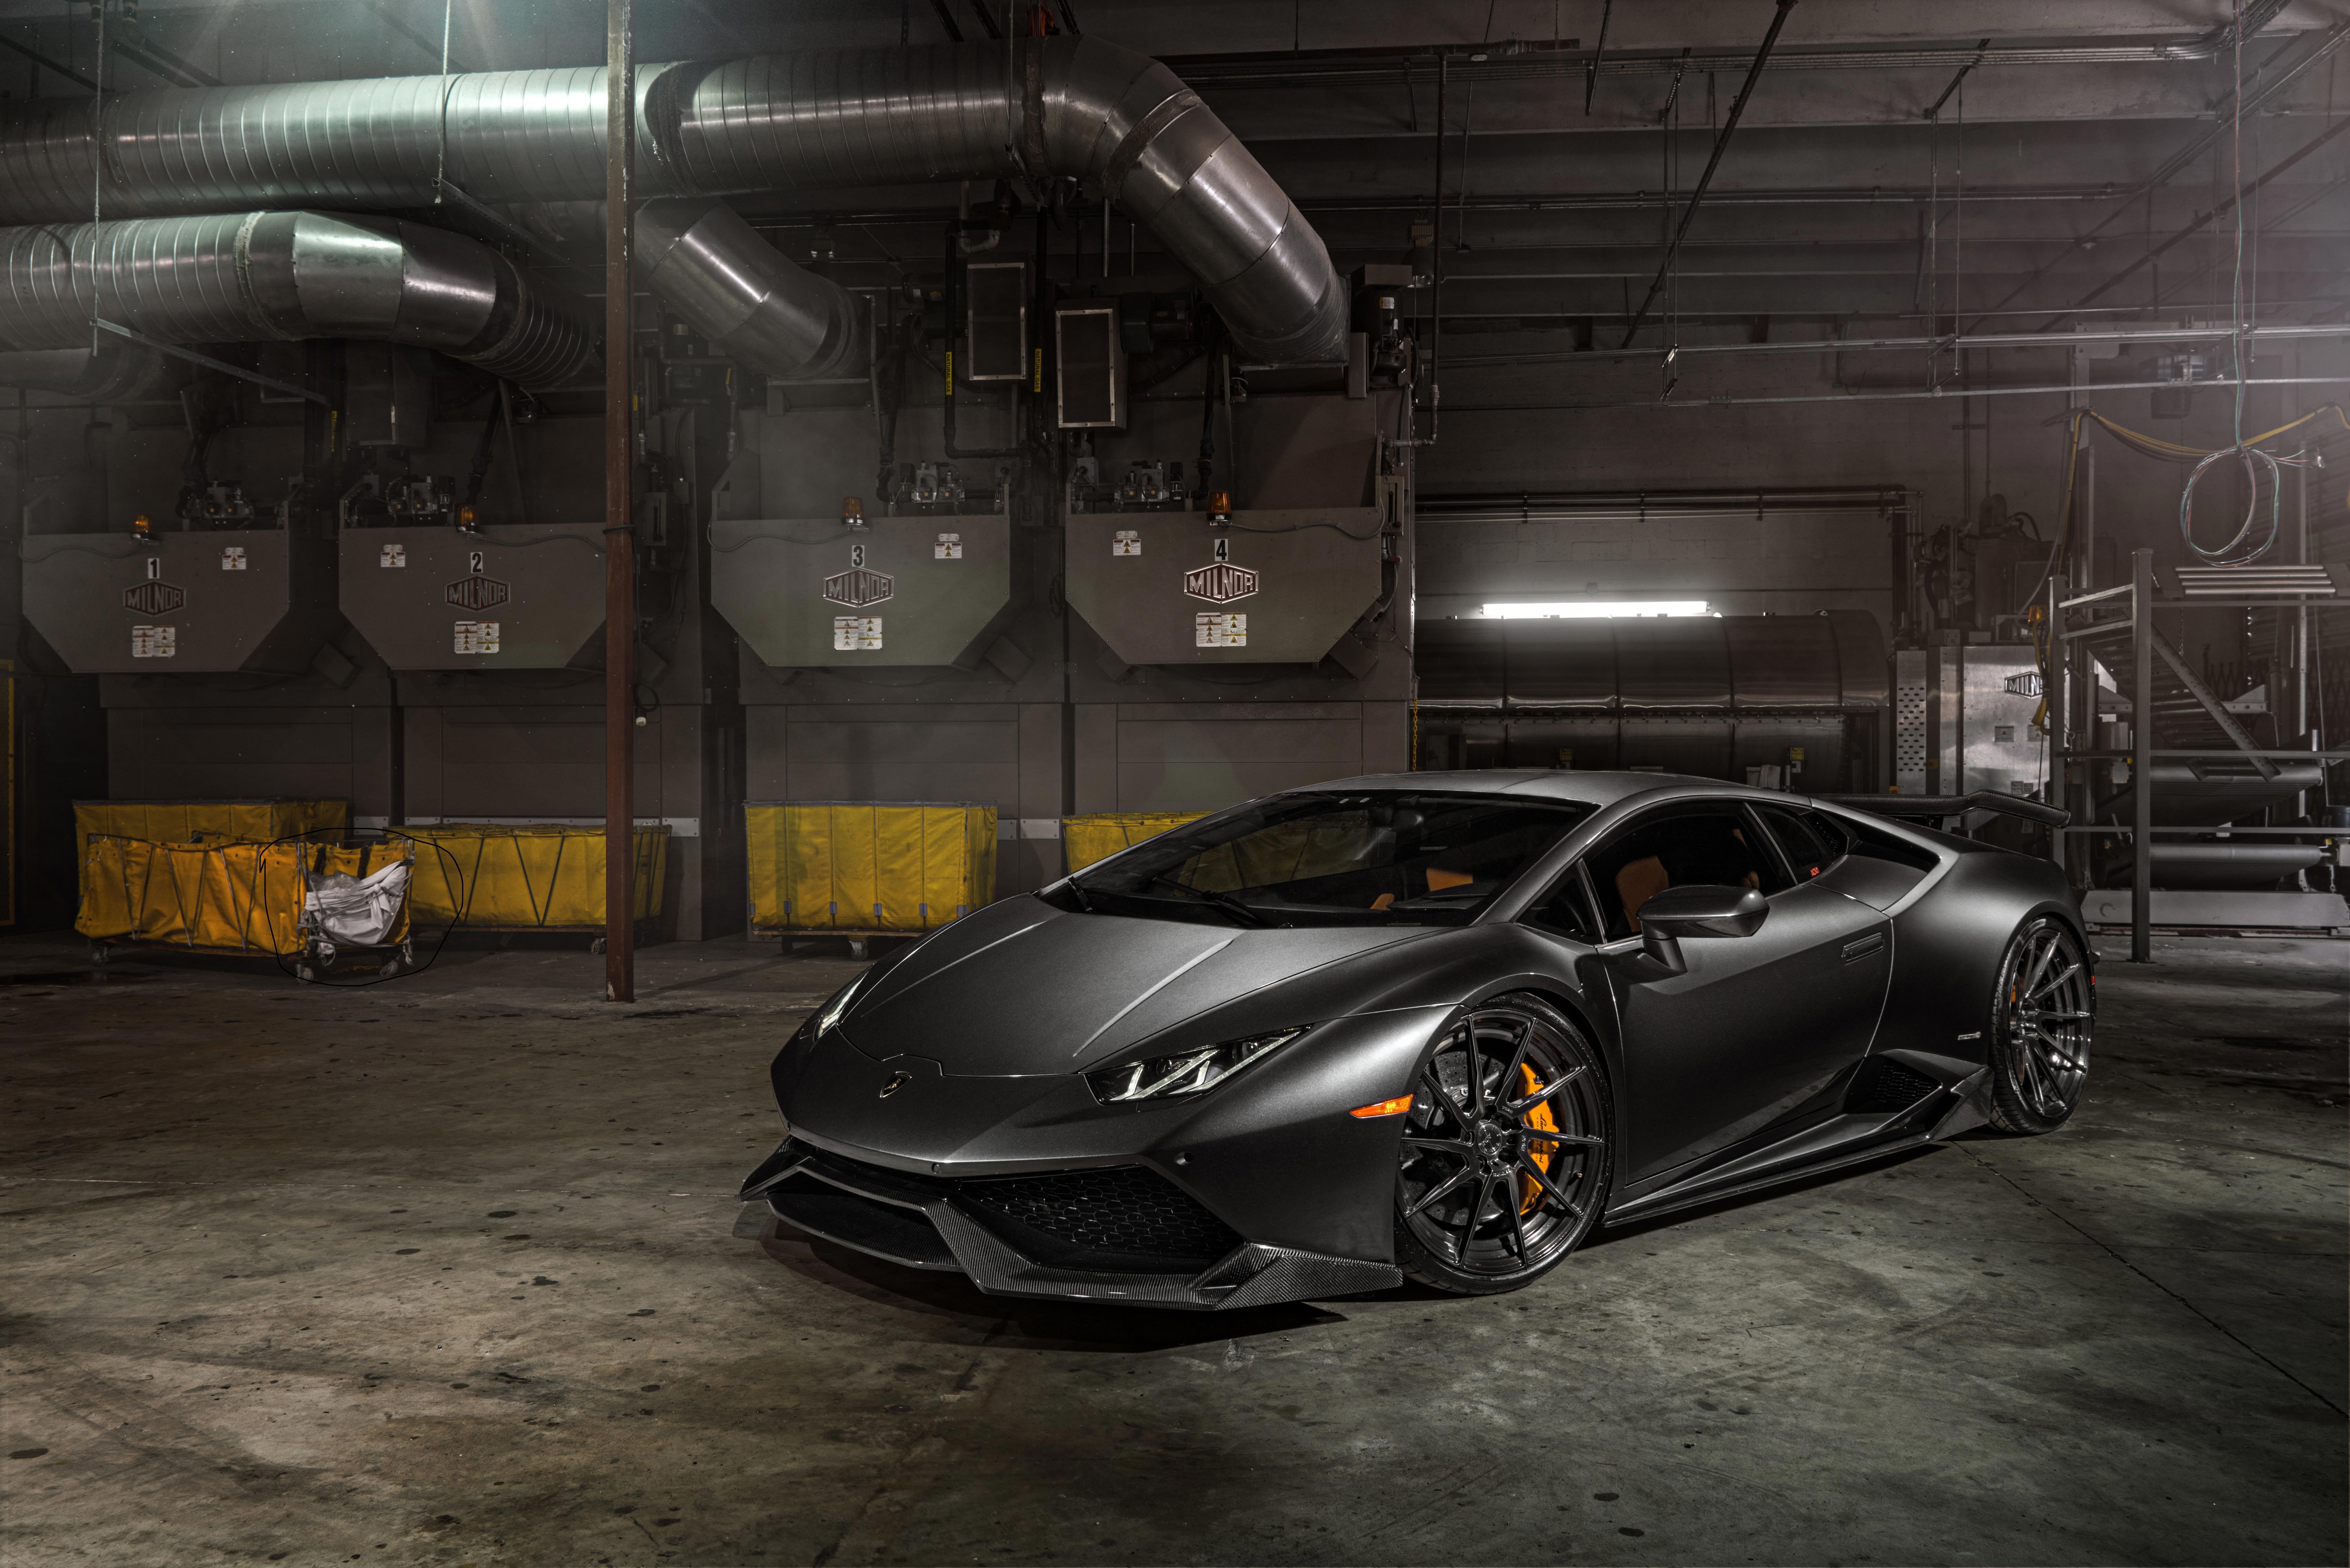 Lamborghini Huracan 8k HD Cars 4k Wallpapers Images